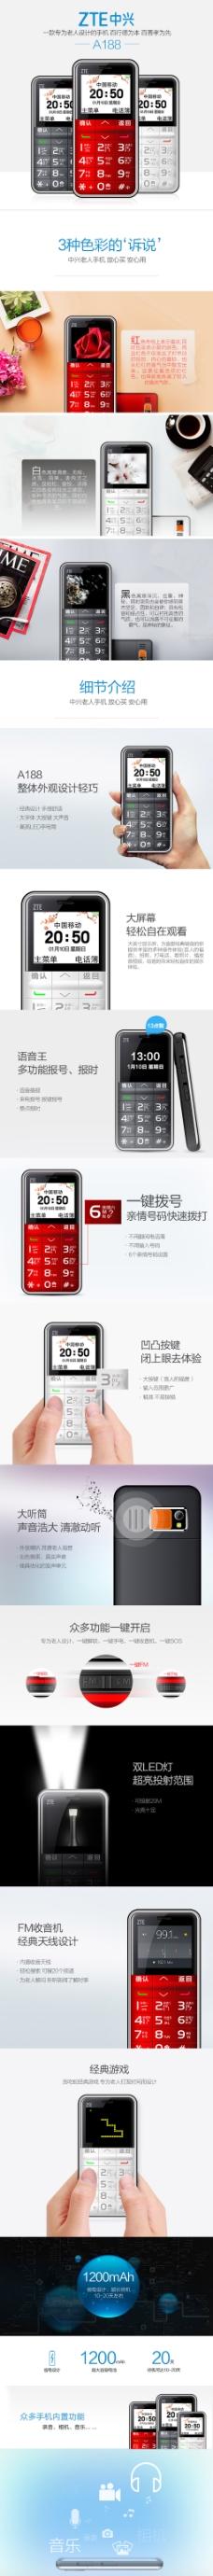 淘宝电商详情页数码电器手机